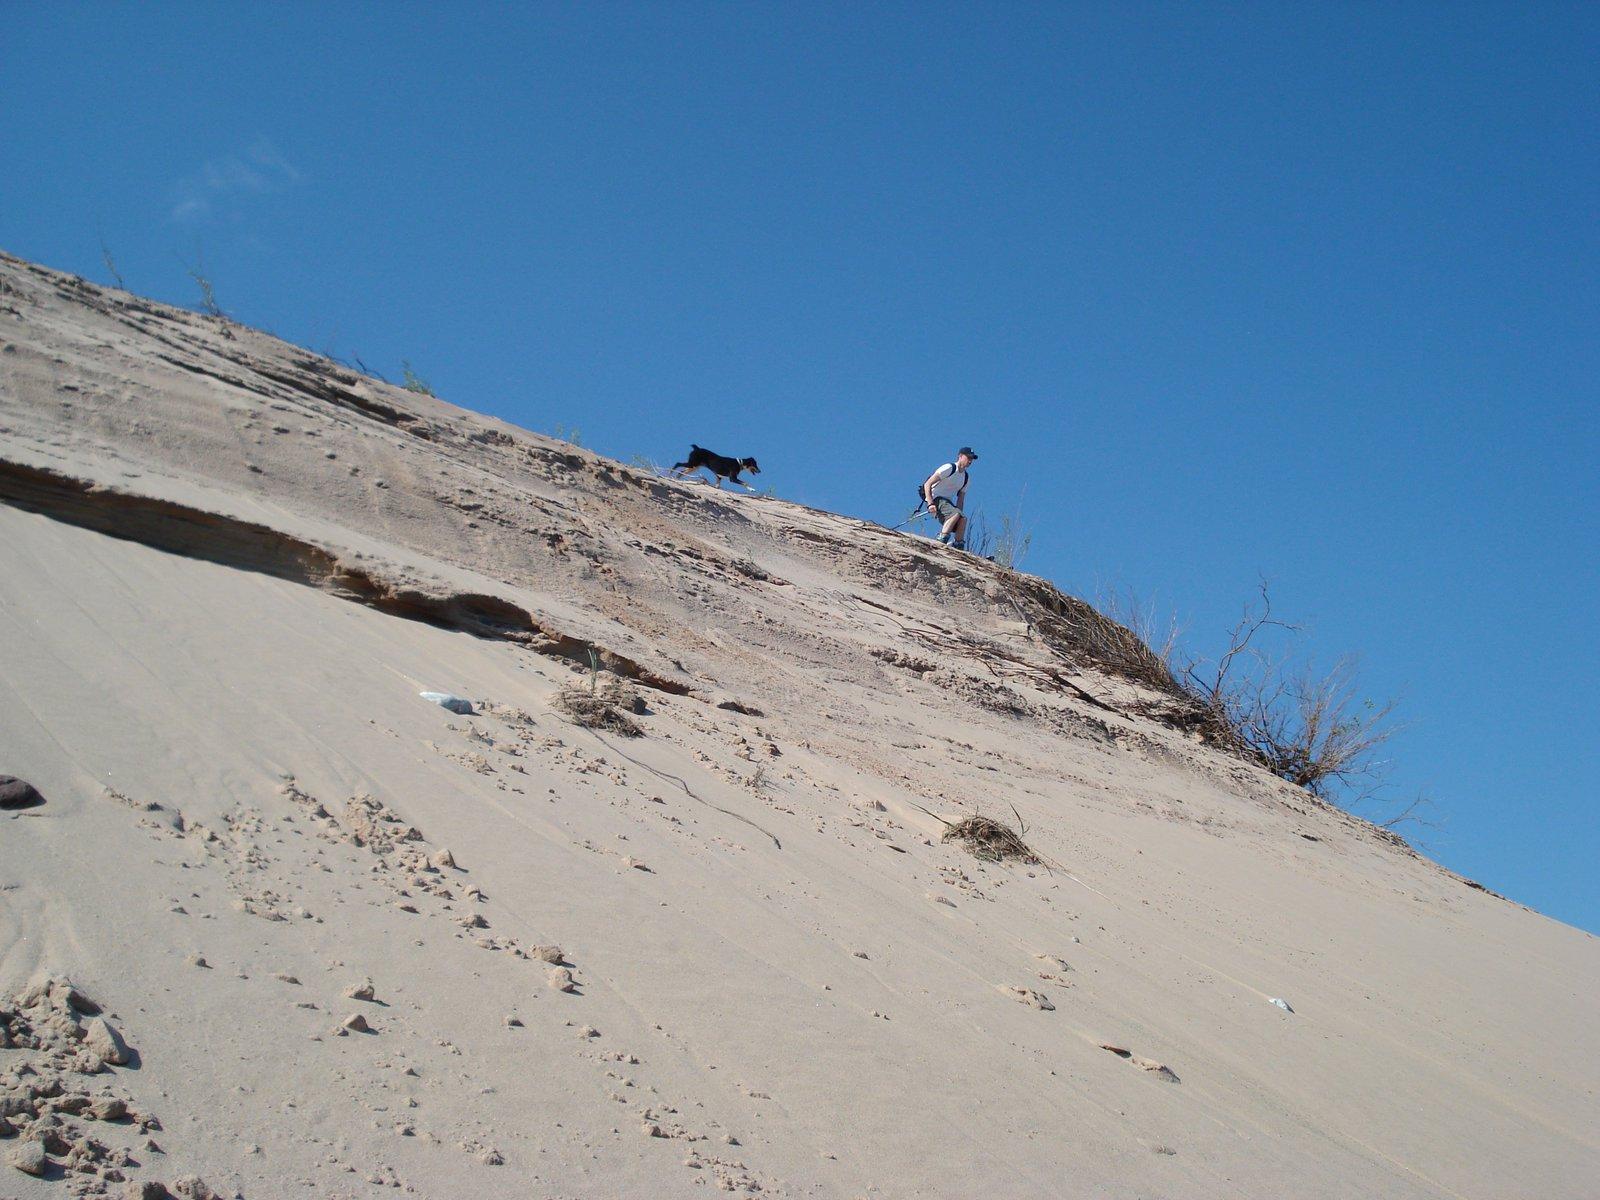 Dune skiing